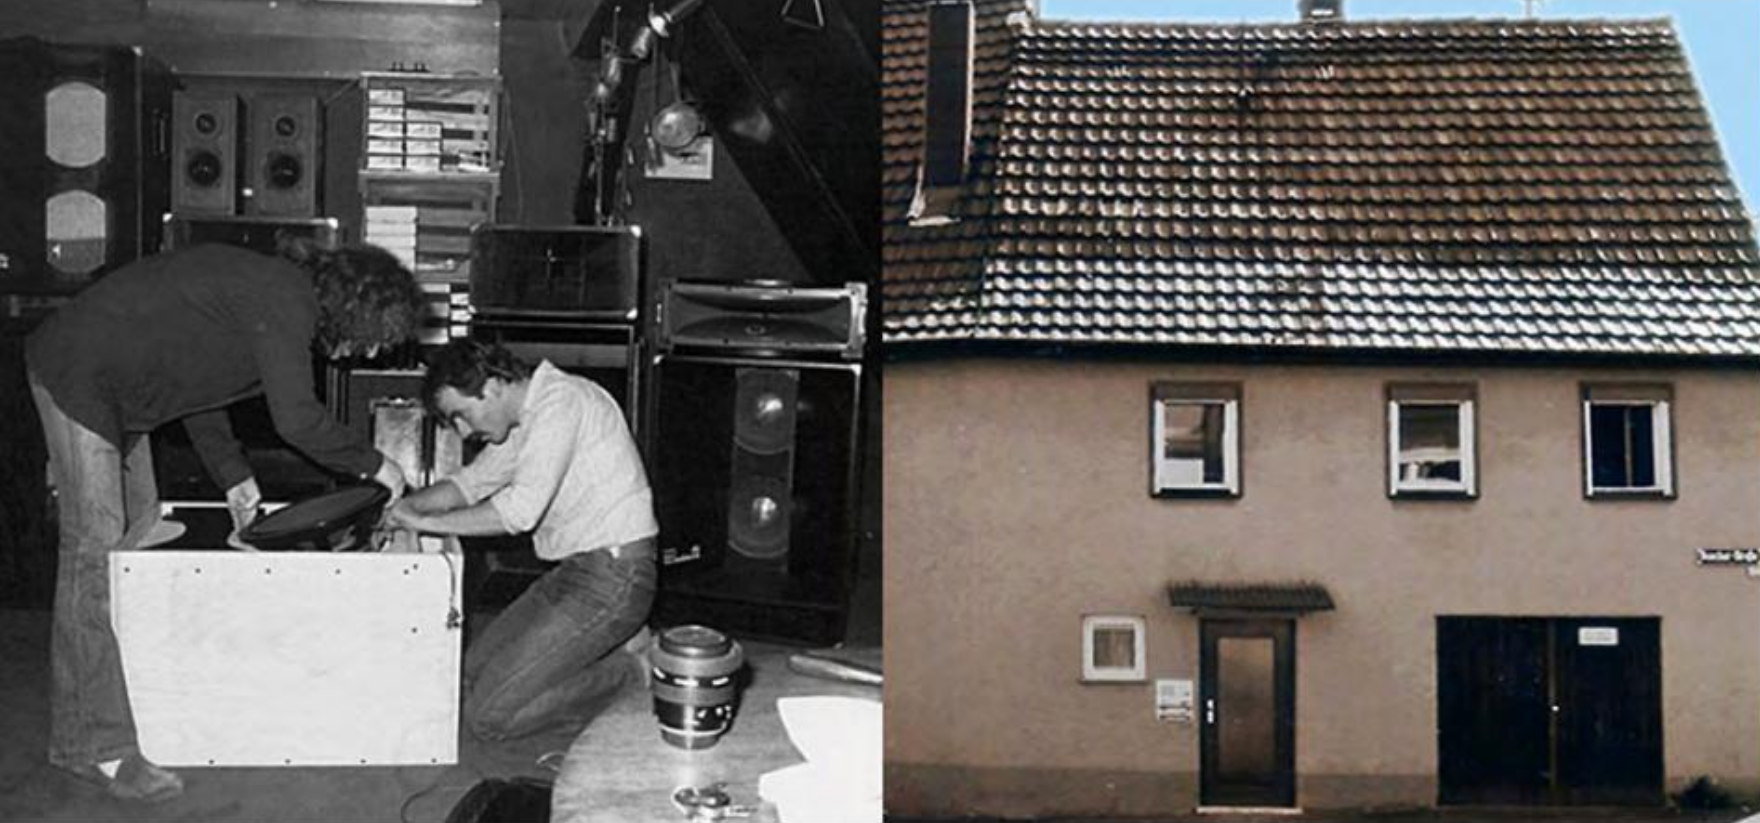 Jürgen Daubert (t.v.) och Rolf Belz (t.h.) tillsammans i garaget i Korb utanför Stuttgart. Till höger ser du byggnadens exteriör. Källa: d&b audiotechnik . Welcome to now.  https://issuu.com/dbaudio/docs/imagebrochure_i_am_35